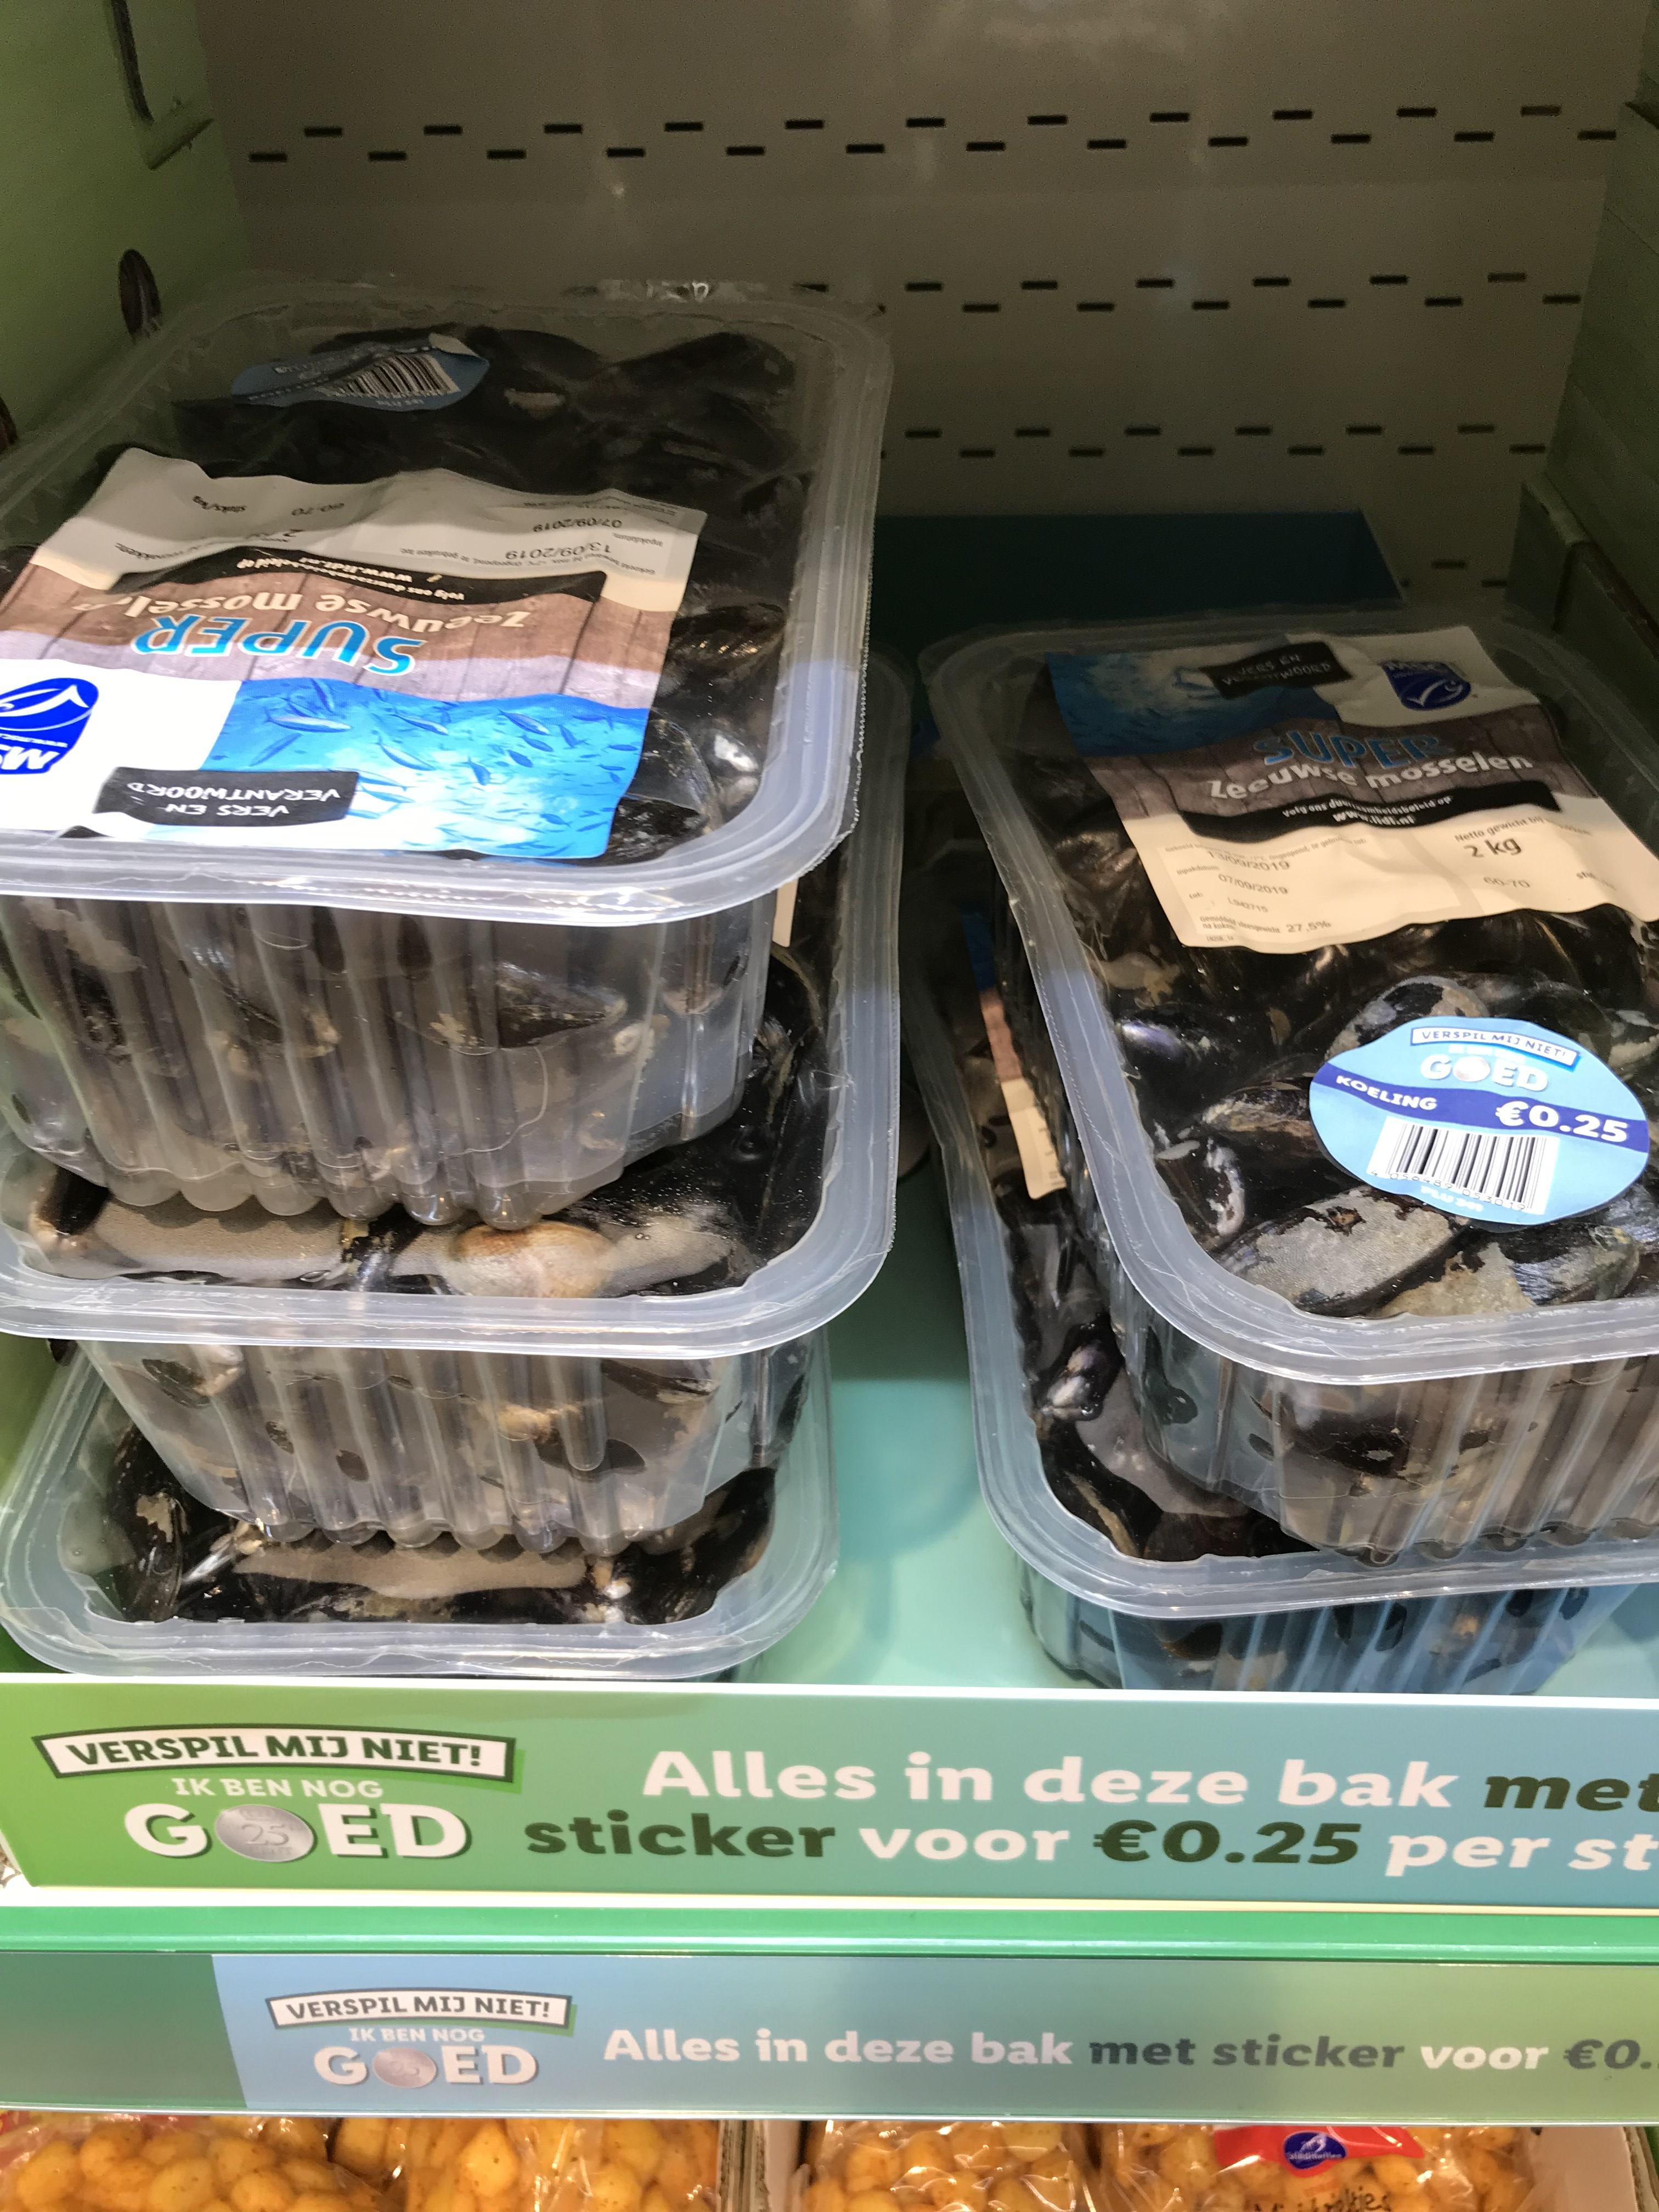 2 kg mosselen voor 0,25 Lidl Apeldoorn anklaar